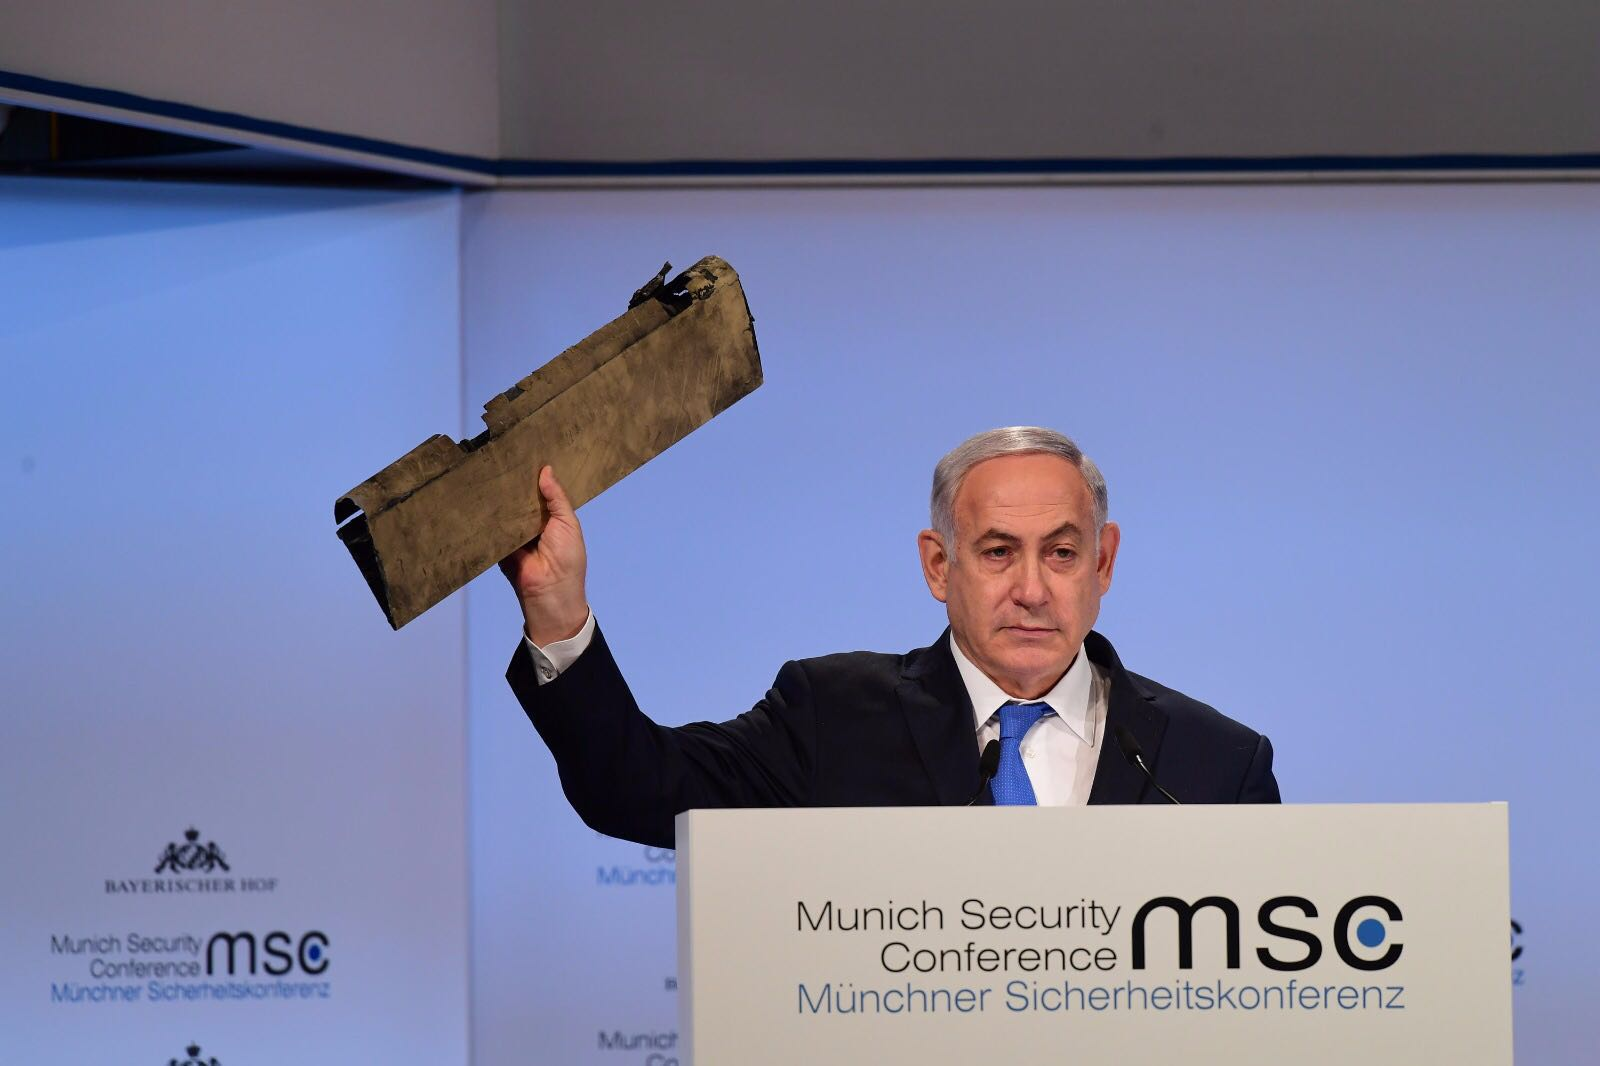 """באמצע הנאום: רה""""מ שלף את המל""""ט האיראני • צפו"""